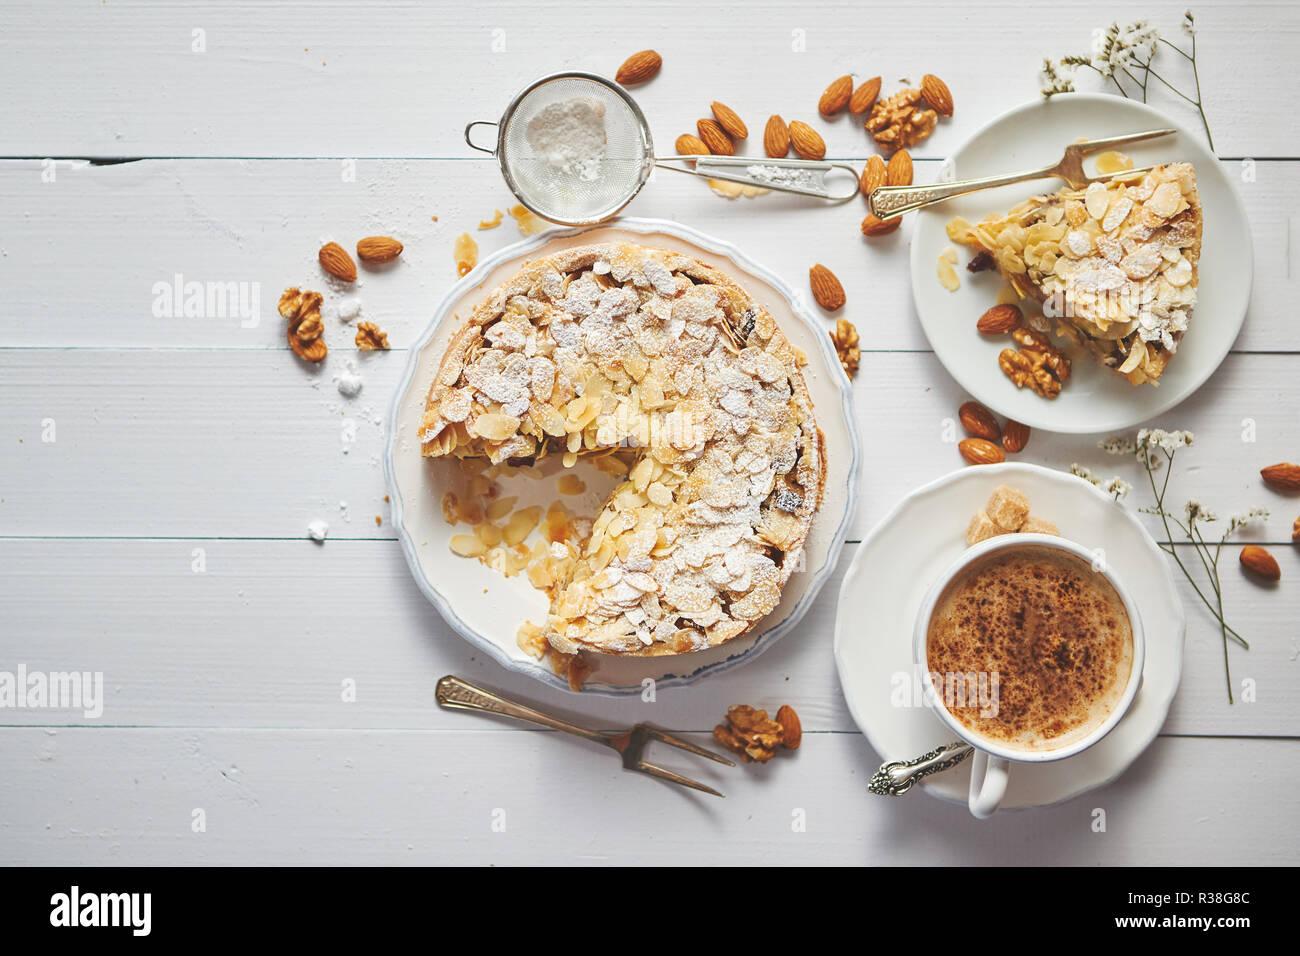 Todo el delicioso pastel de manzana con almendras servido en mesa de madera Imagen De Stock